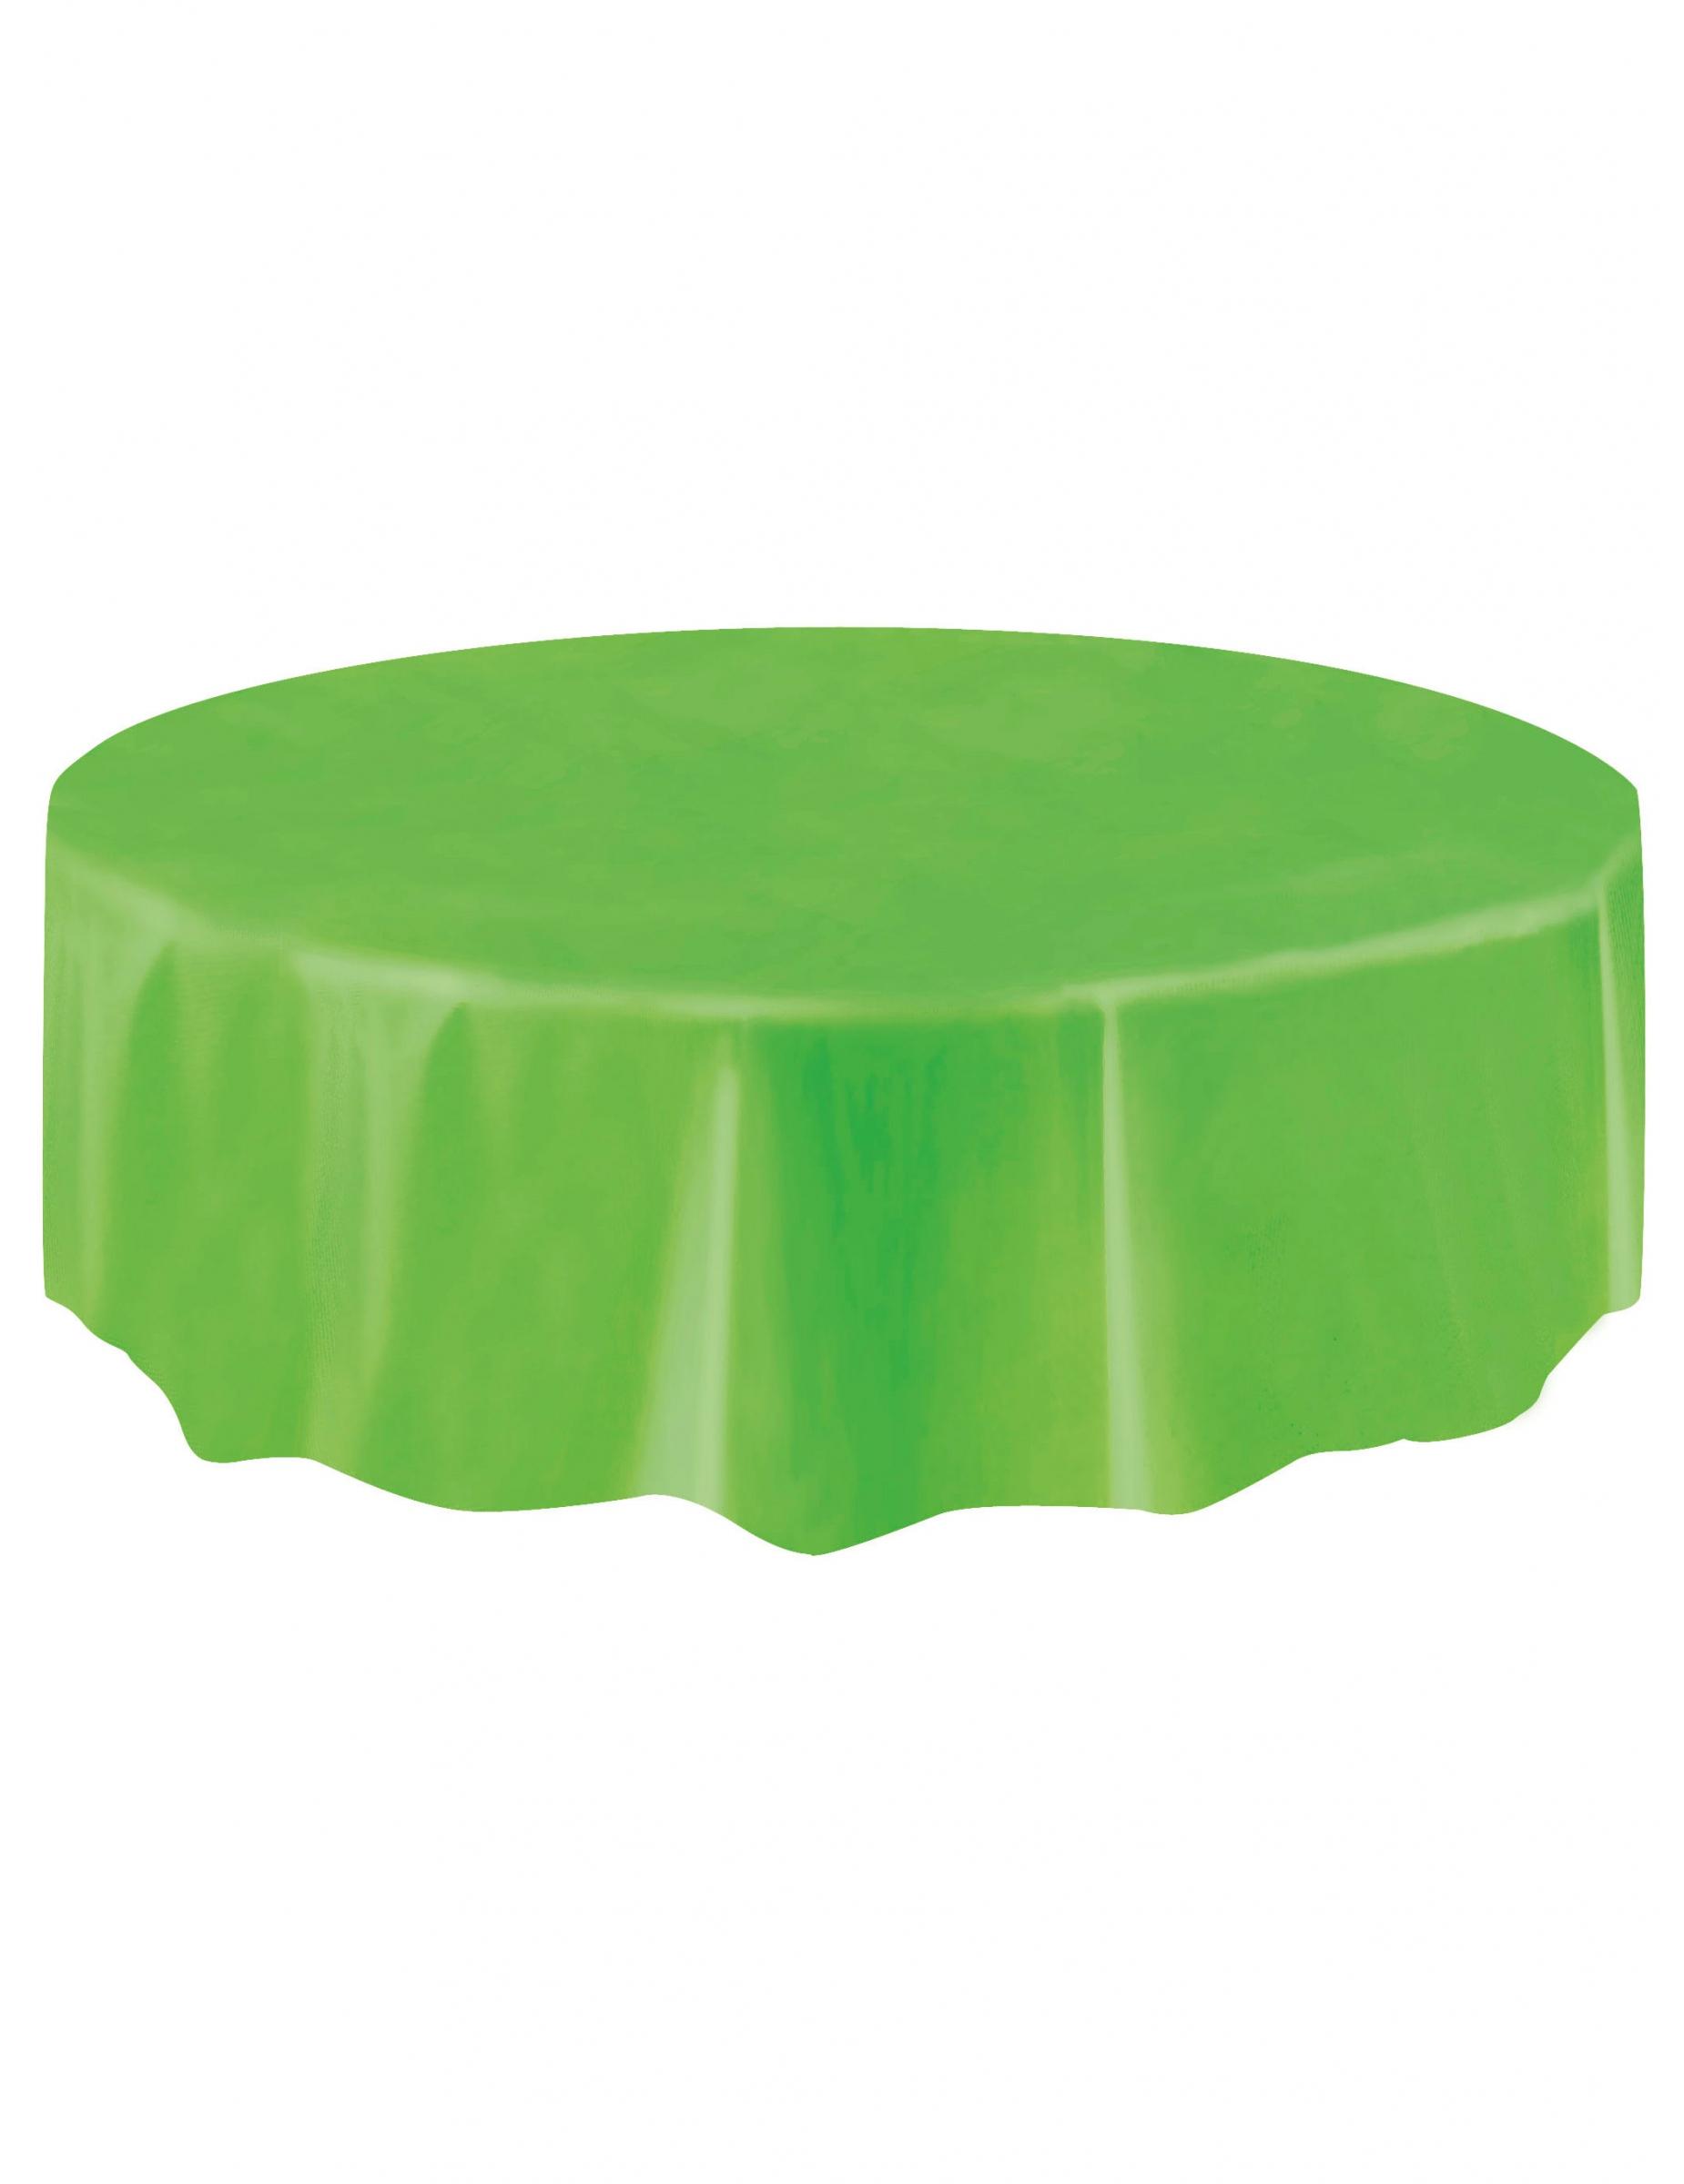 nappe ronde en plastique vert citron deguise toi achat de decoration animation. Black Bedroom Furniture Sets. Home Design Ideas